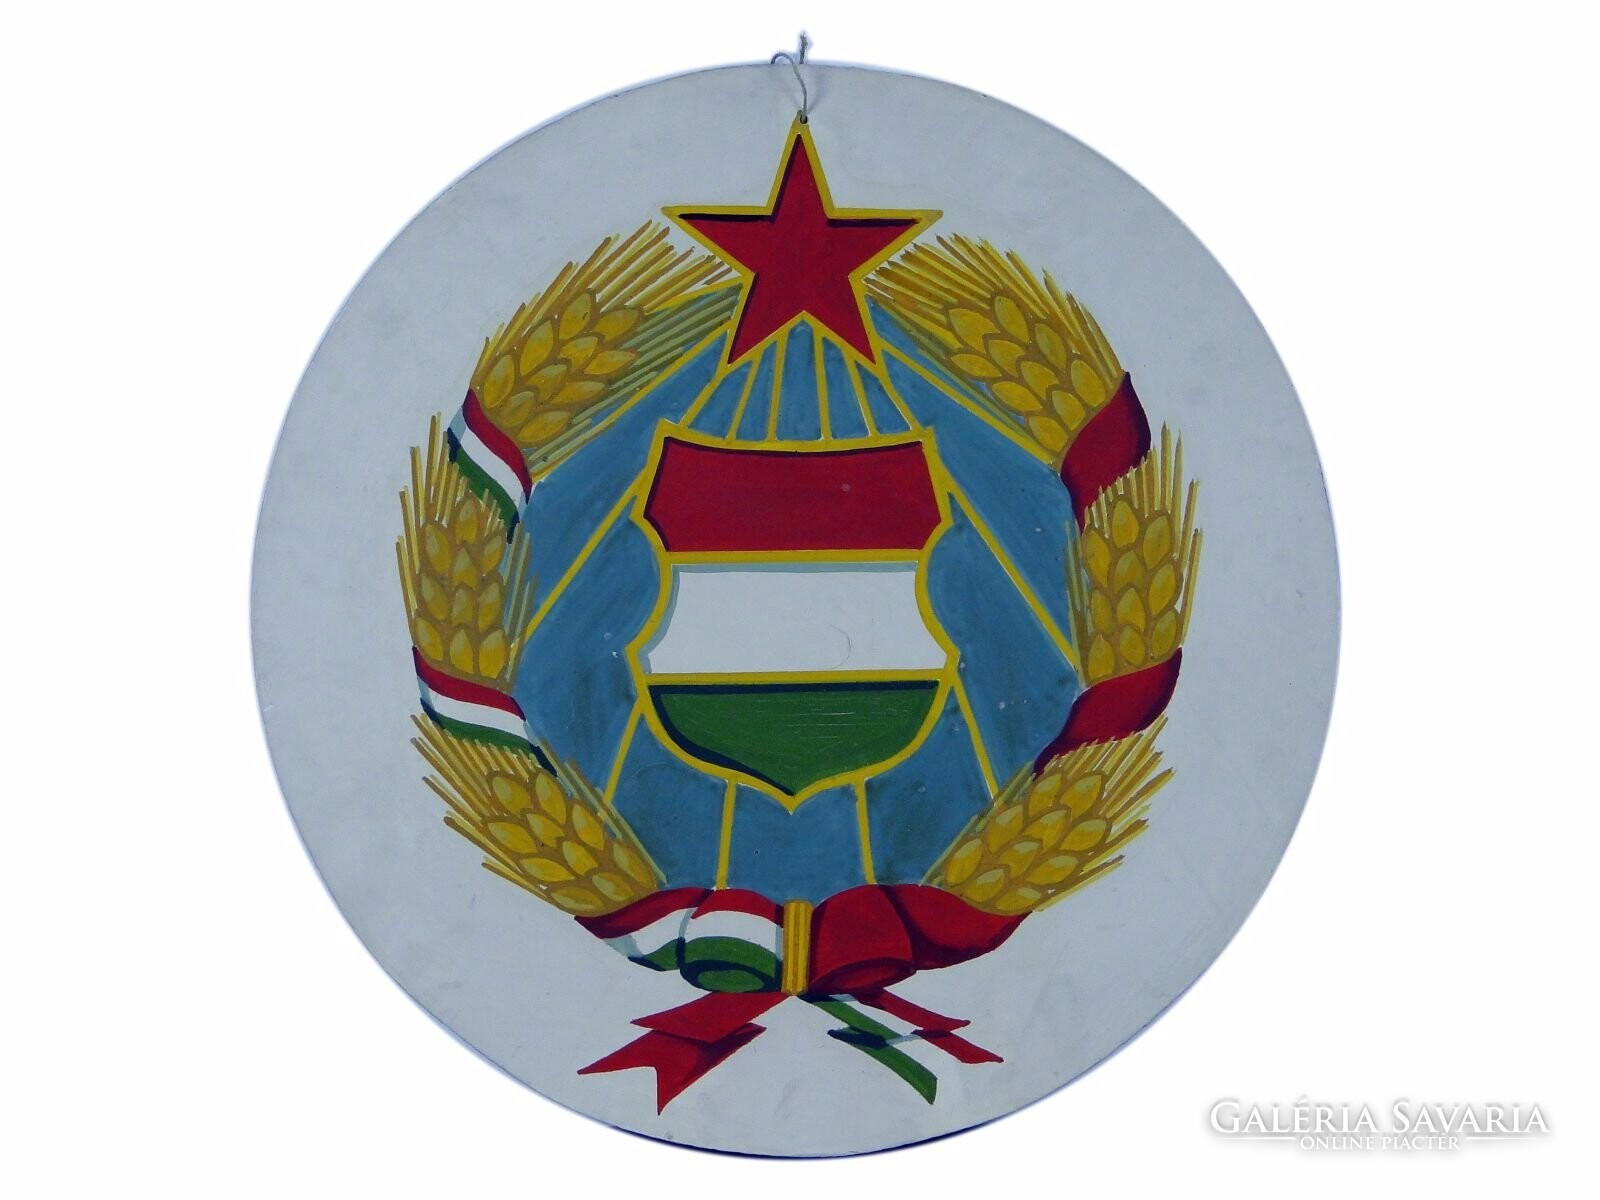 8f04301cde 0E294 Magyar címer Kádár címer tábla - Gyűjtemény .